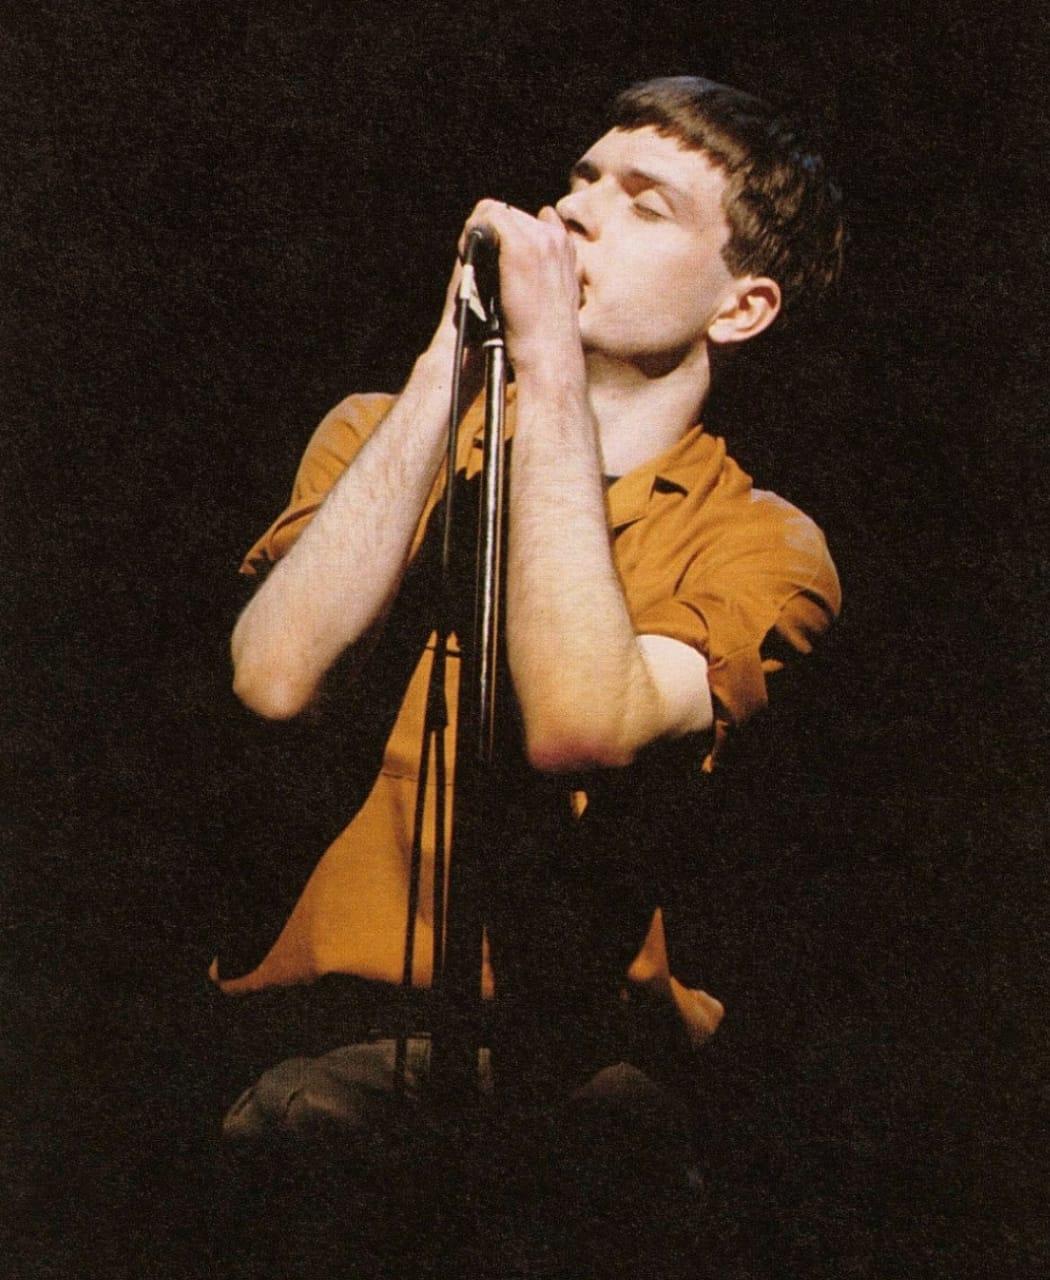 Voimer Cataneo: No último 18 de maio completaram-se 41 anos da morte do vocalista e letrista de uma das bandas mais influentes do rock, o Joy Division. Nesta data, falecia Ian Curtis.